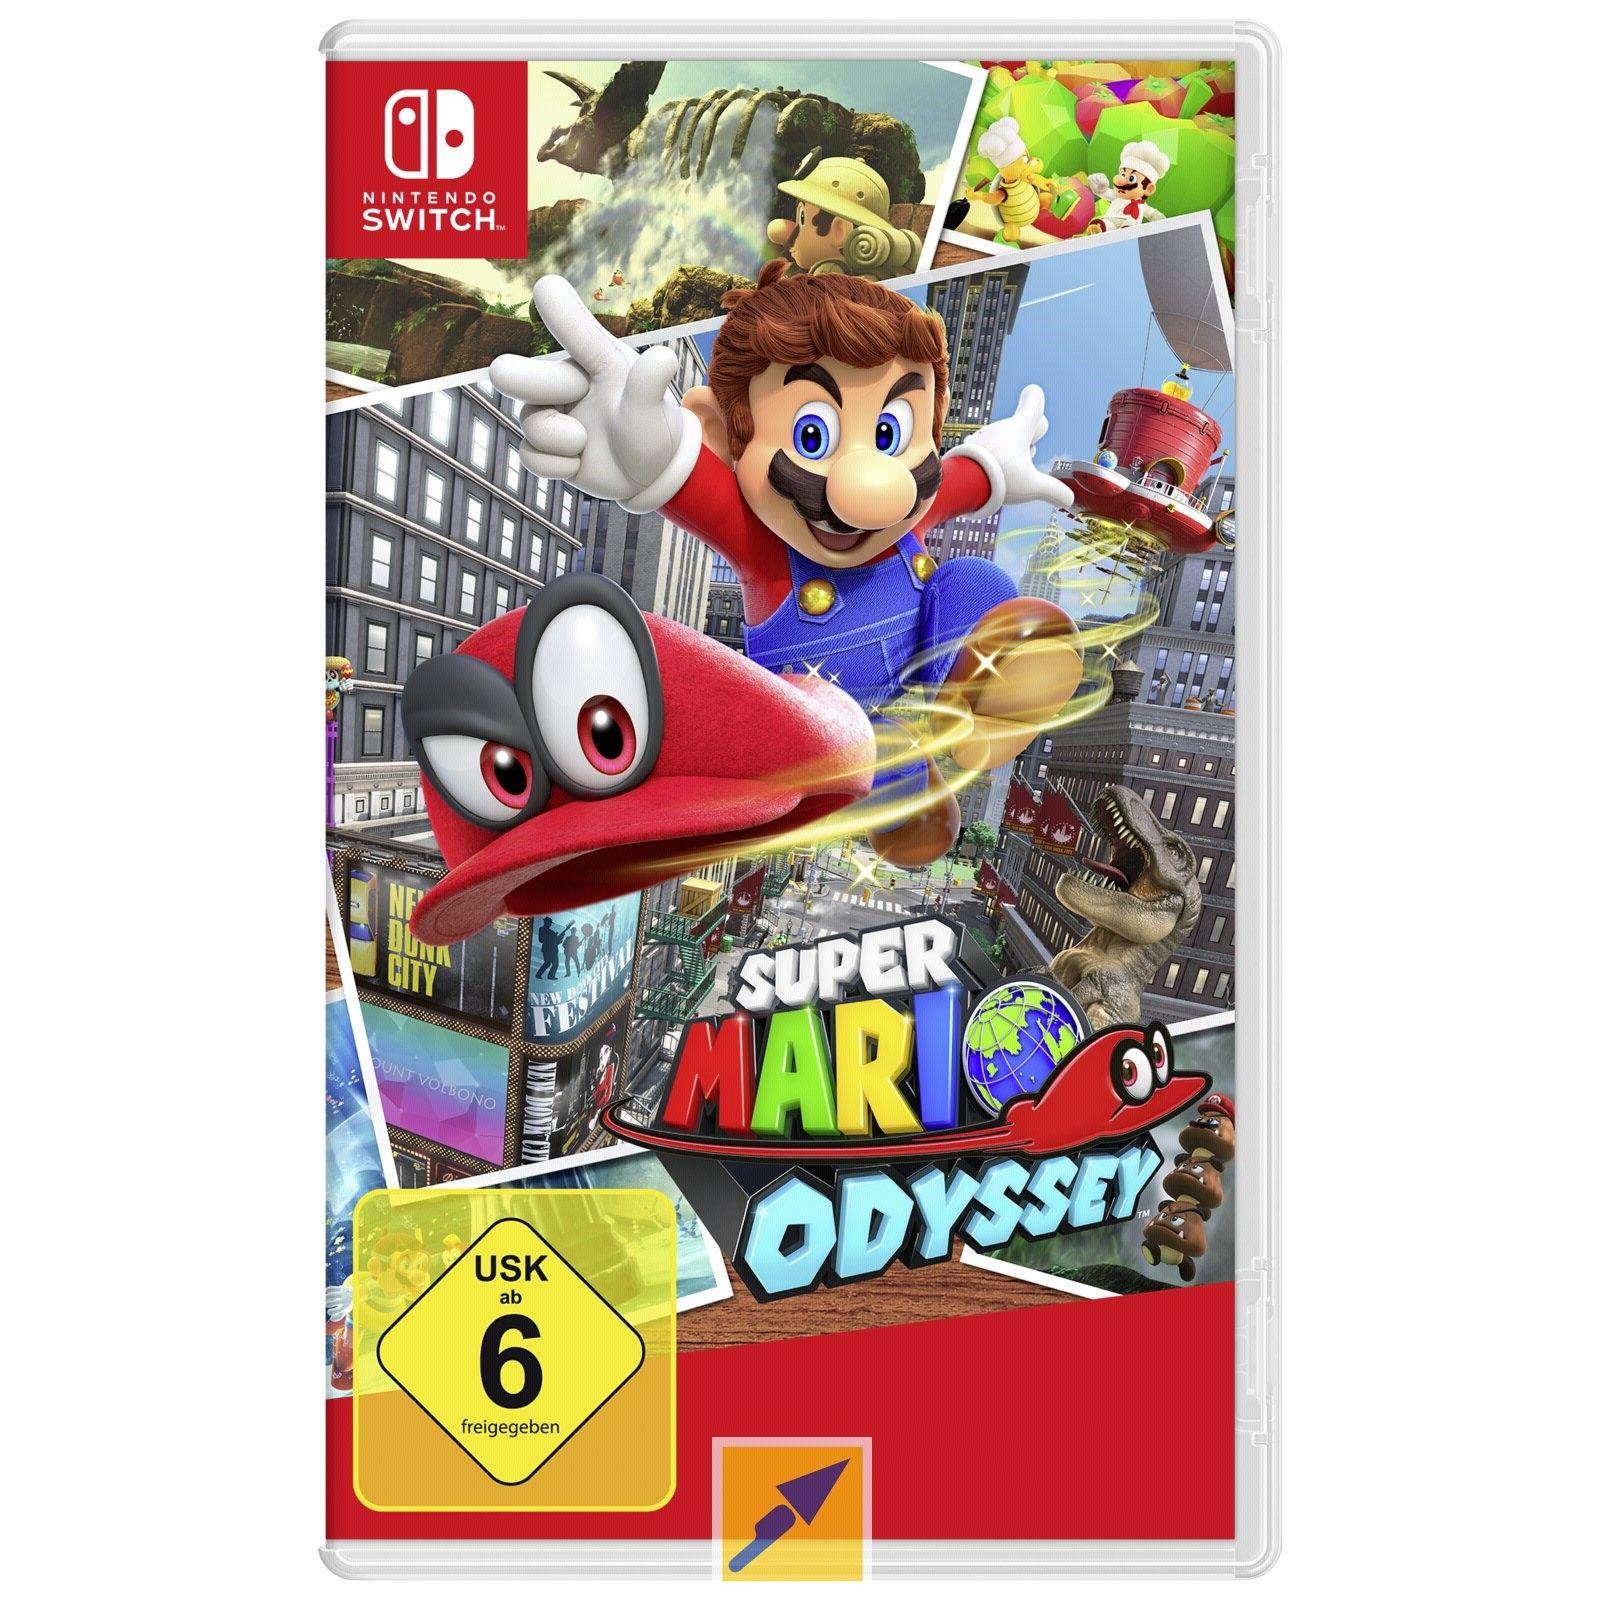 Super Mario Odyssey (Switch) für 31,09€ inkl. Versand [Technikdirekt+Masterpass]